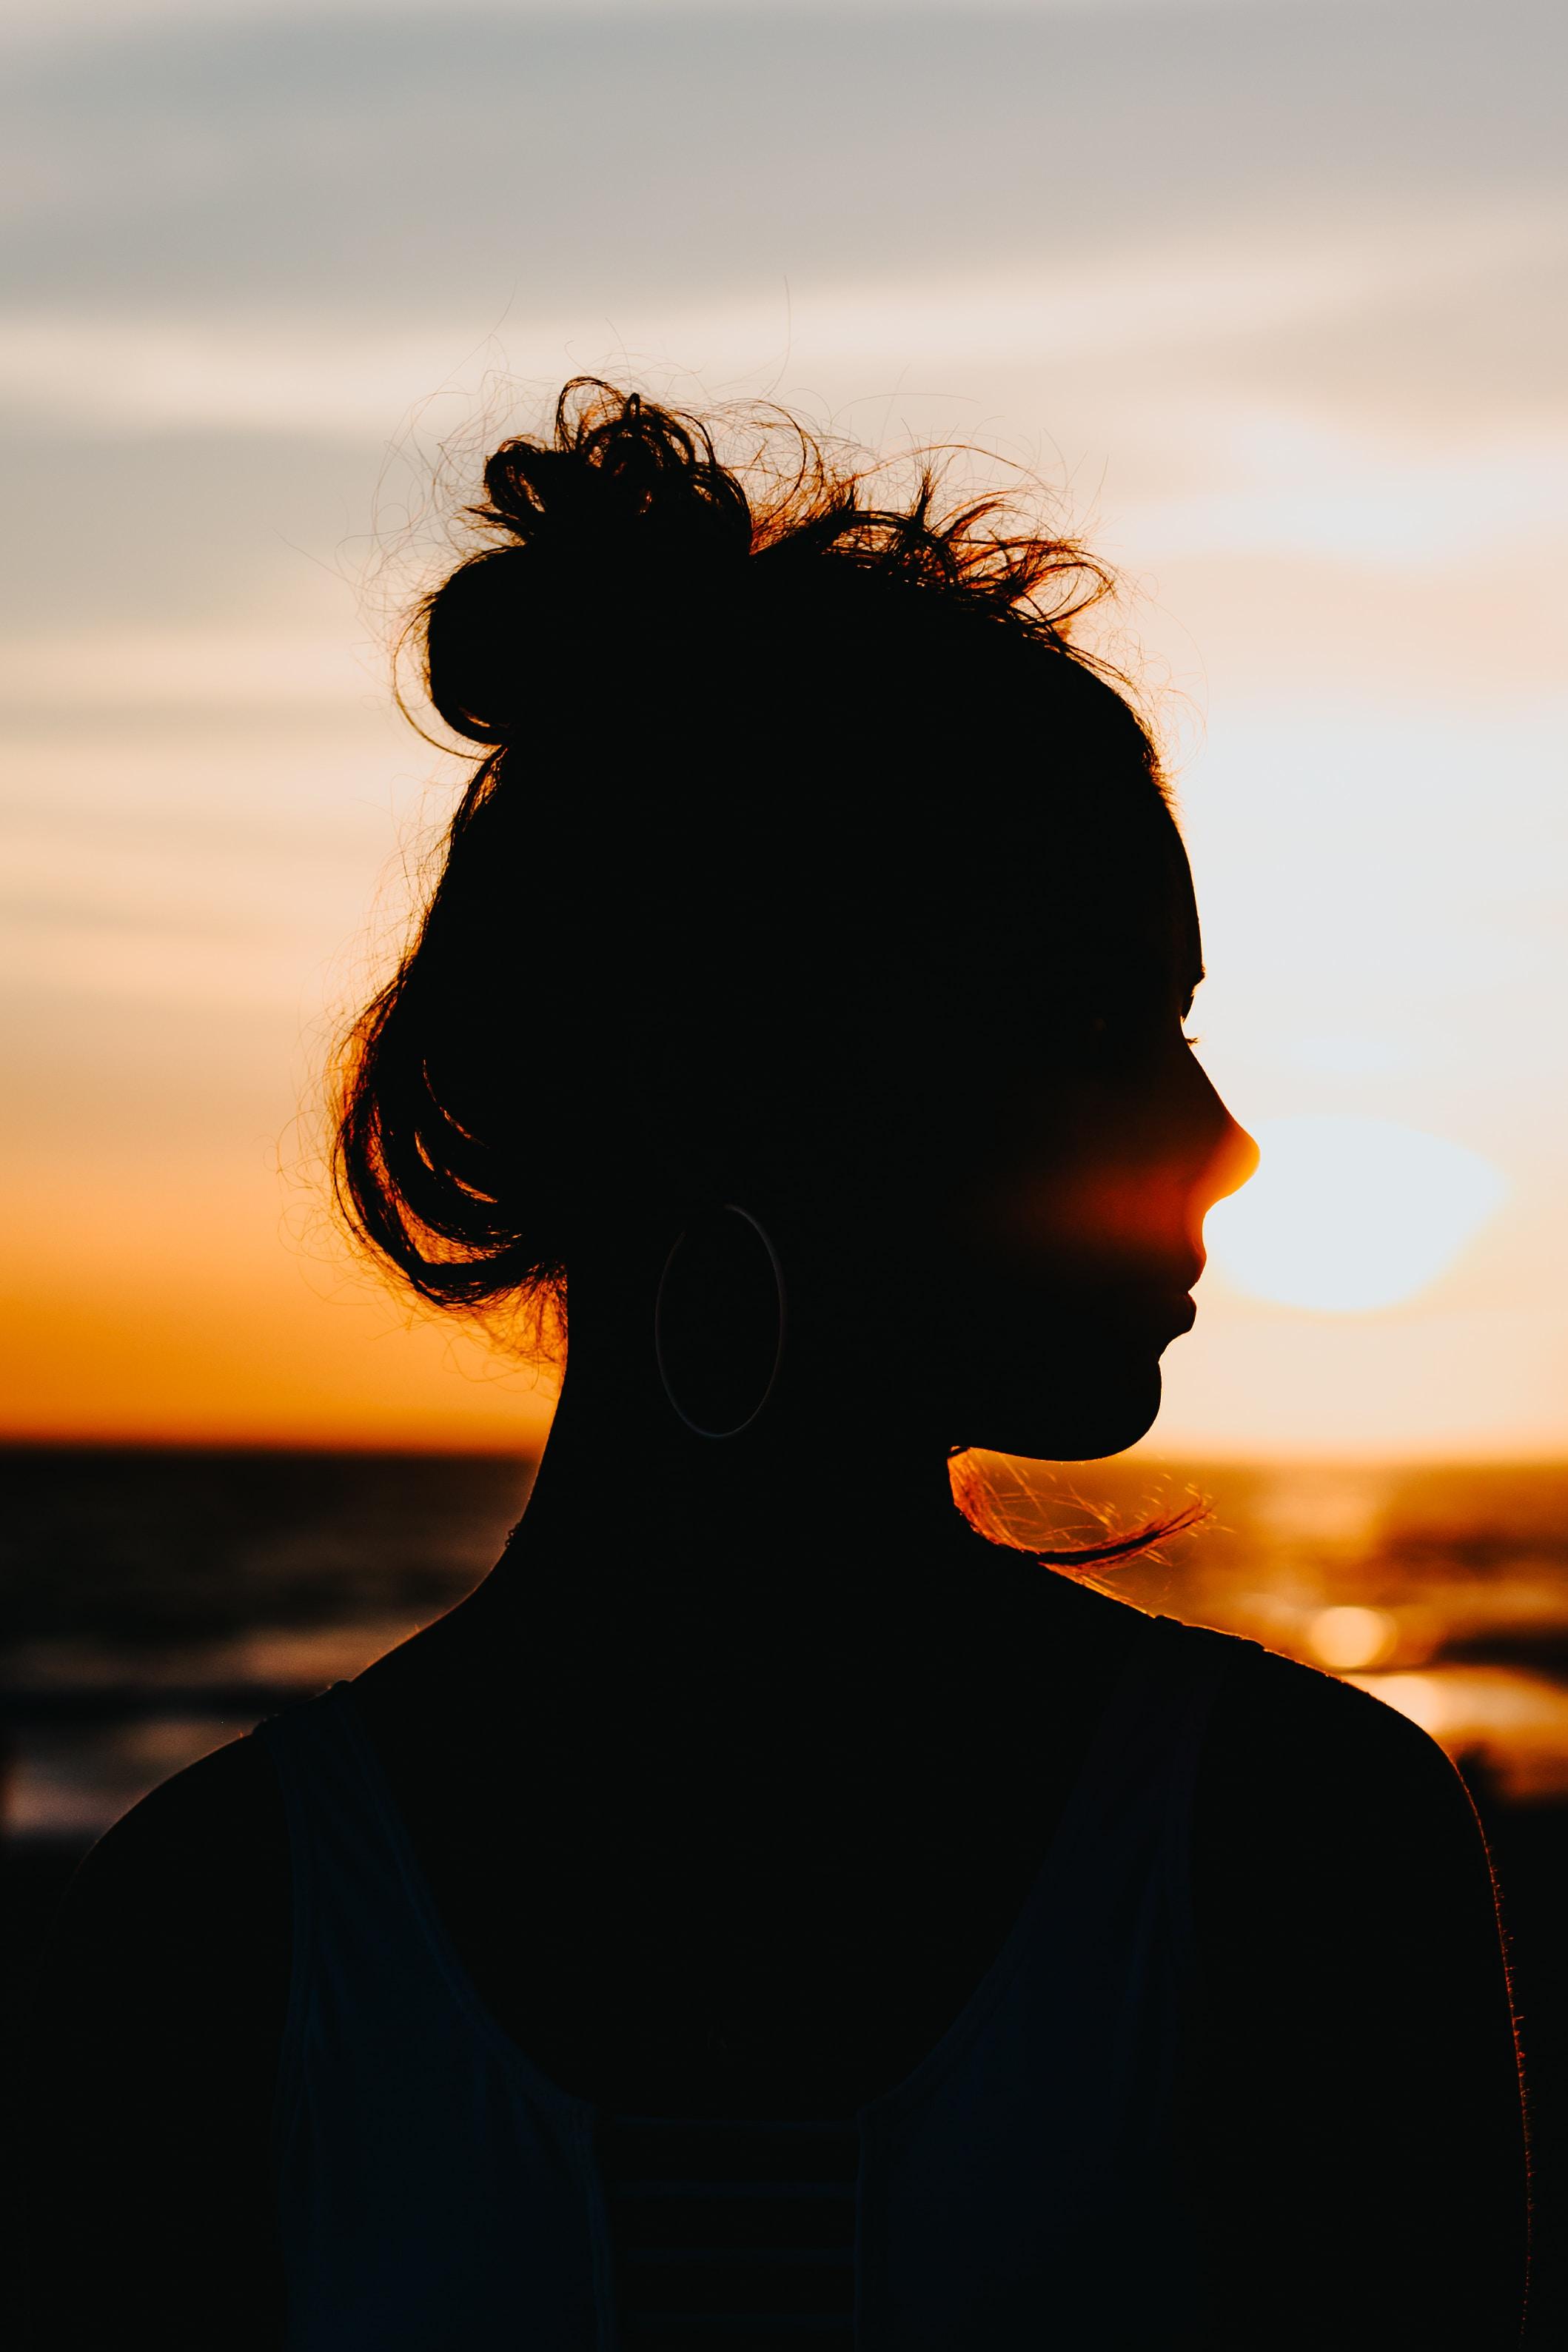 silhouette of woman looking sideways